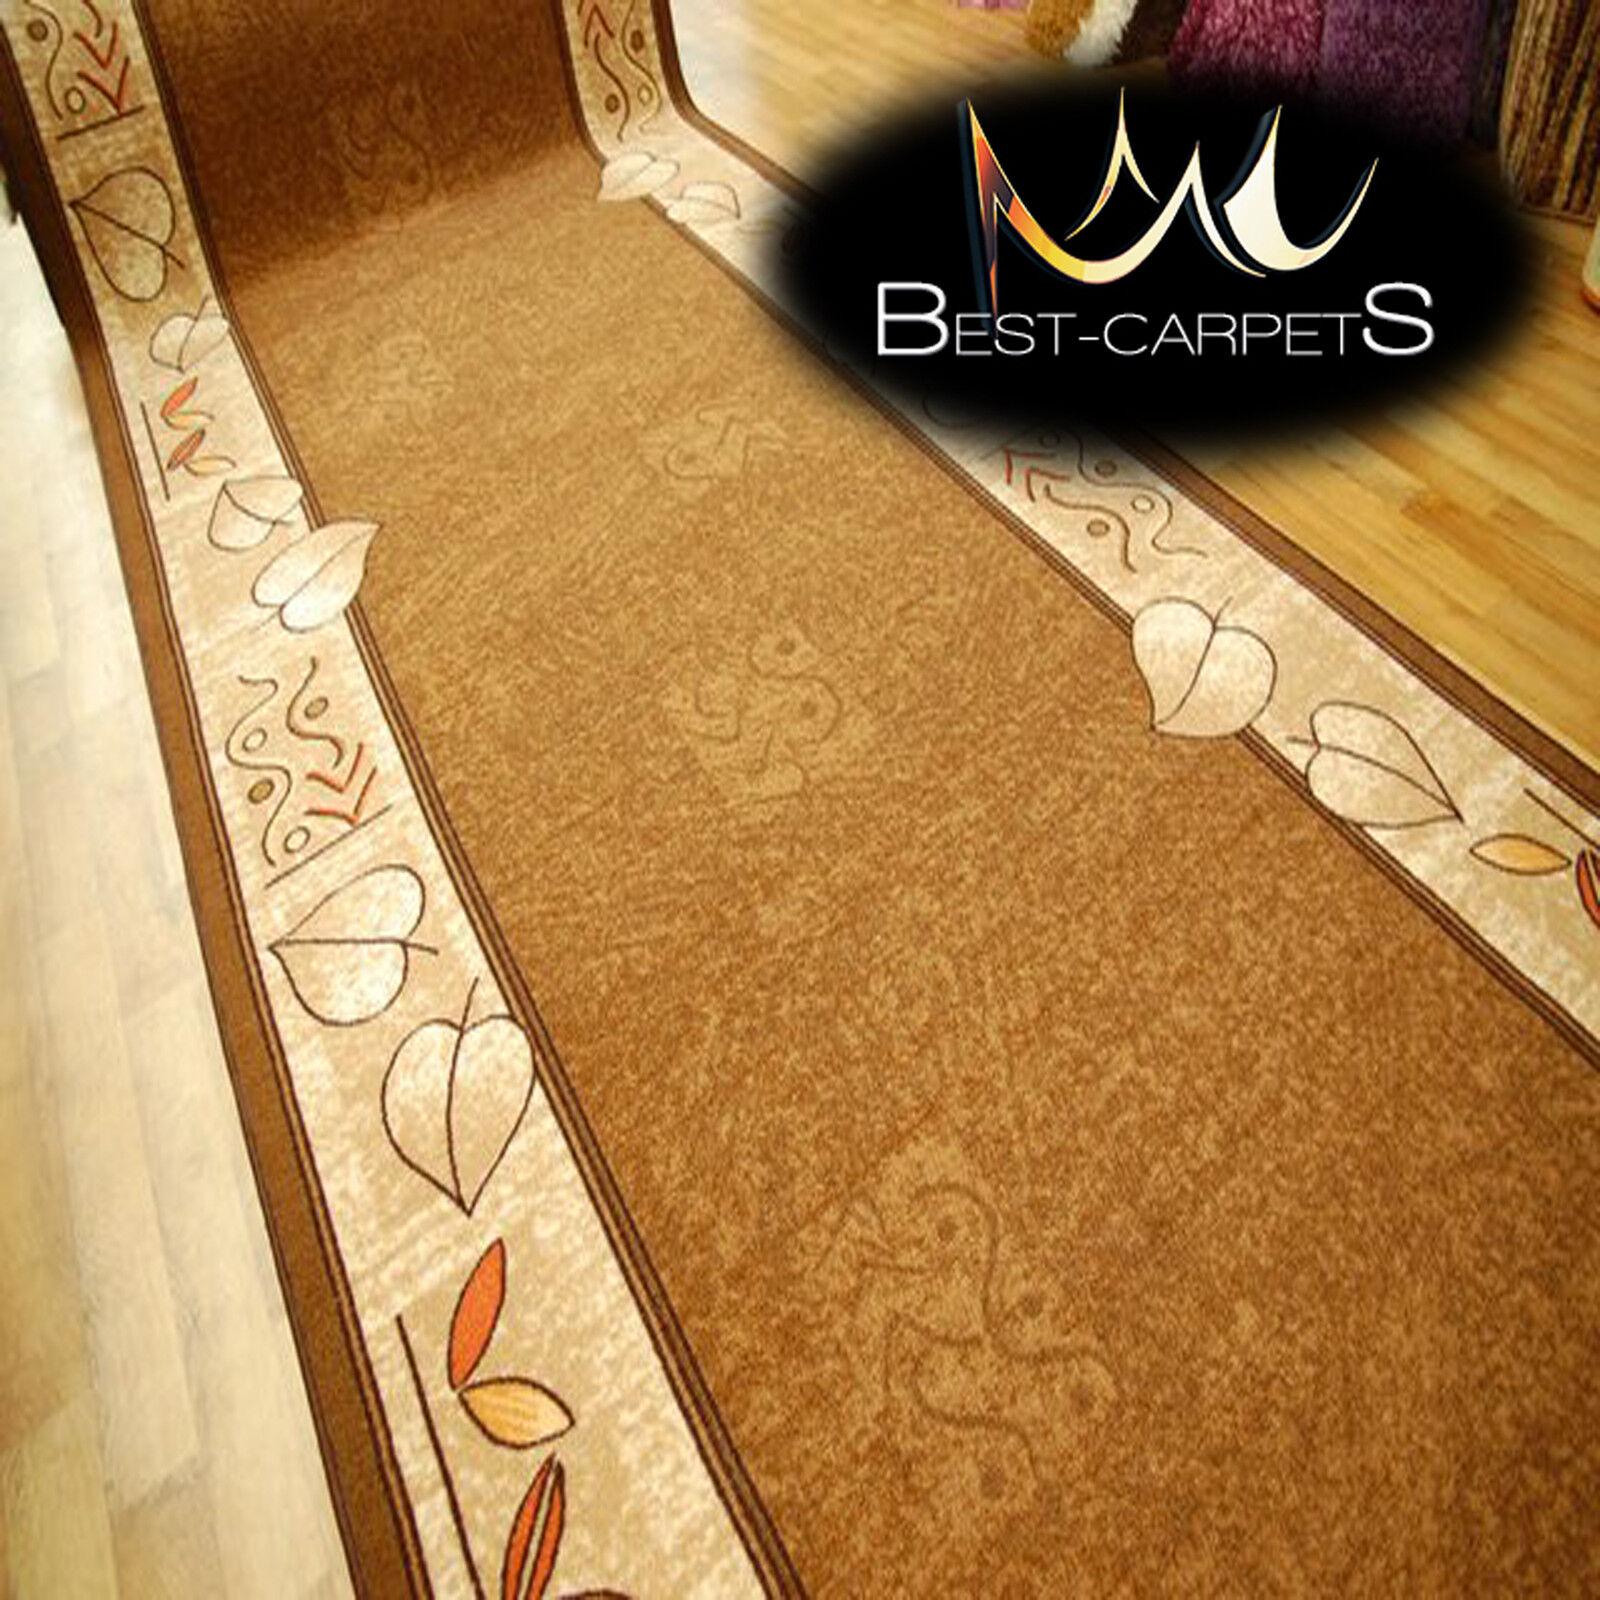 Coureur tapis, leandro brown, moderne anti-dérapant, escaliers largeur 67cm-133cm 67cm-133cm 67cm-133cm extra long   Online Shop  ed8e06